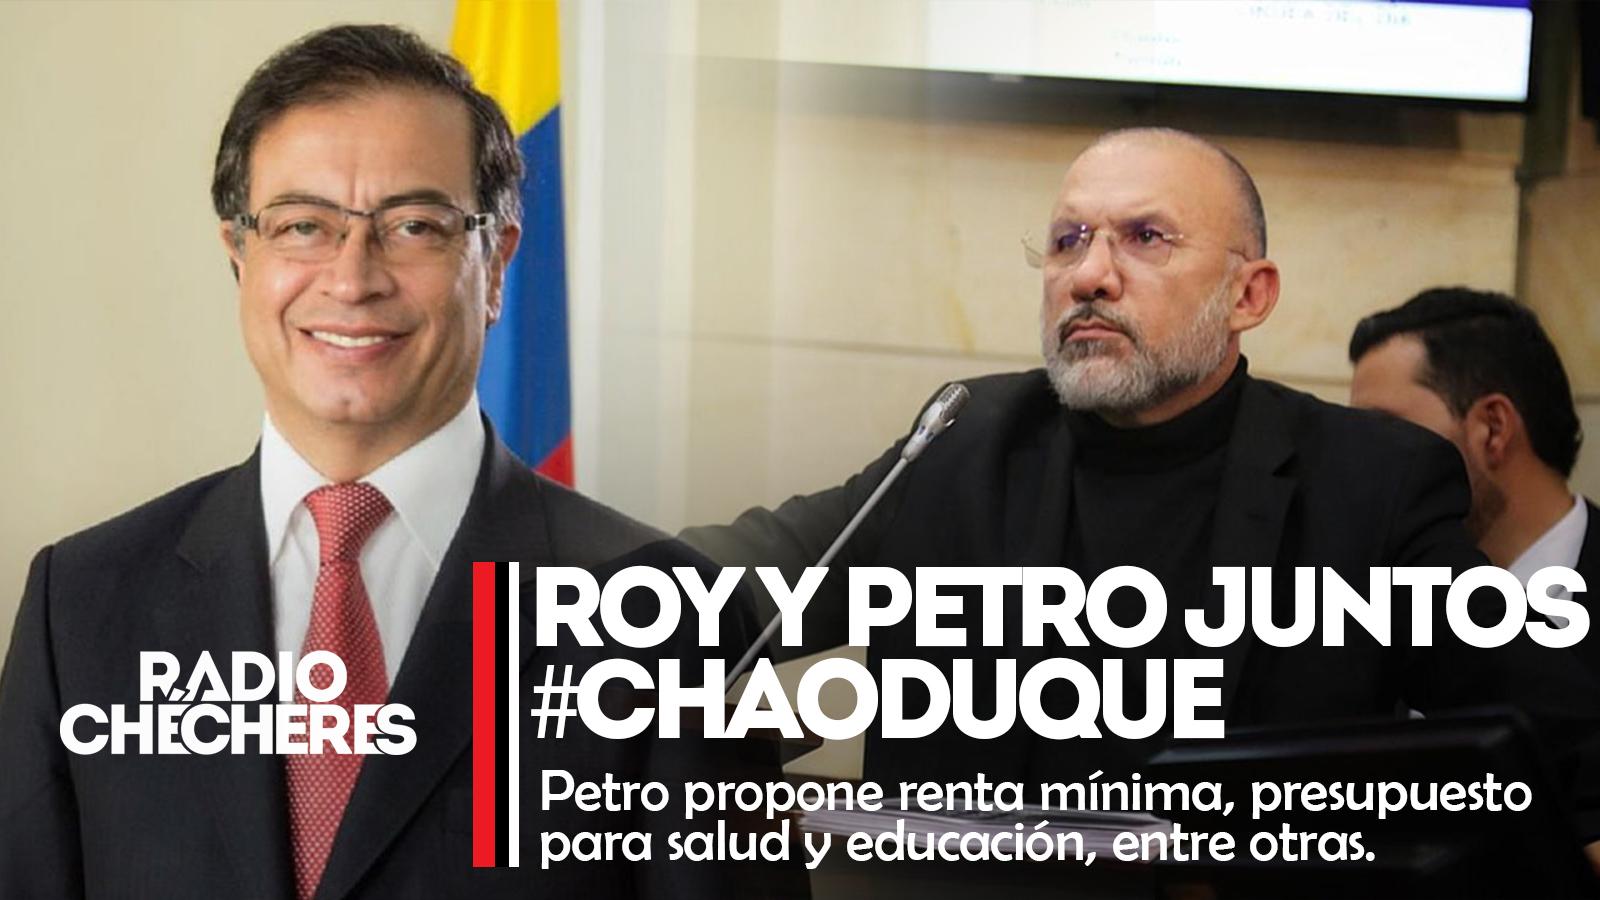 Roy Barreras aceptó propuesta de Petro para unir fuerzas,  y revocar el mandato de Duque